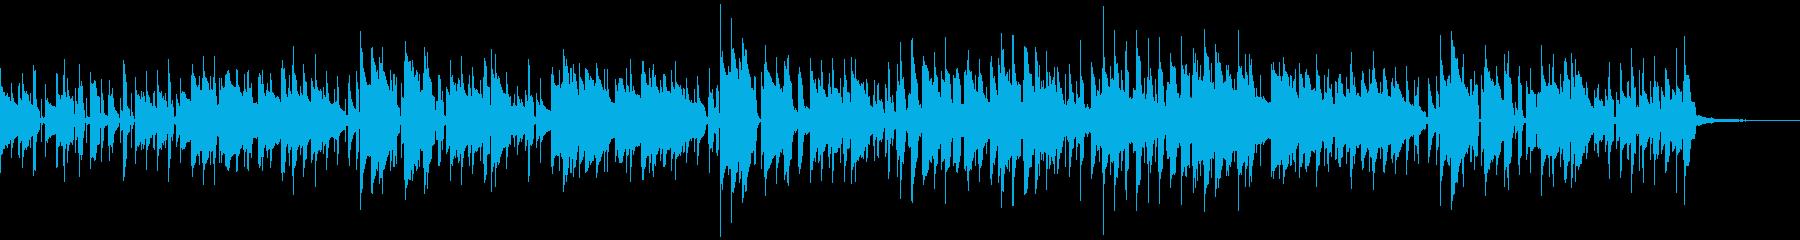 クラビネットが印象的なフュージョンの再生済みの波形